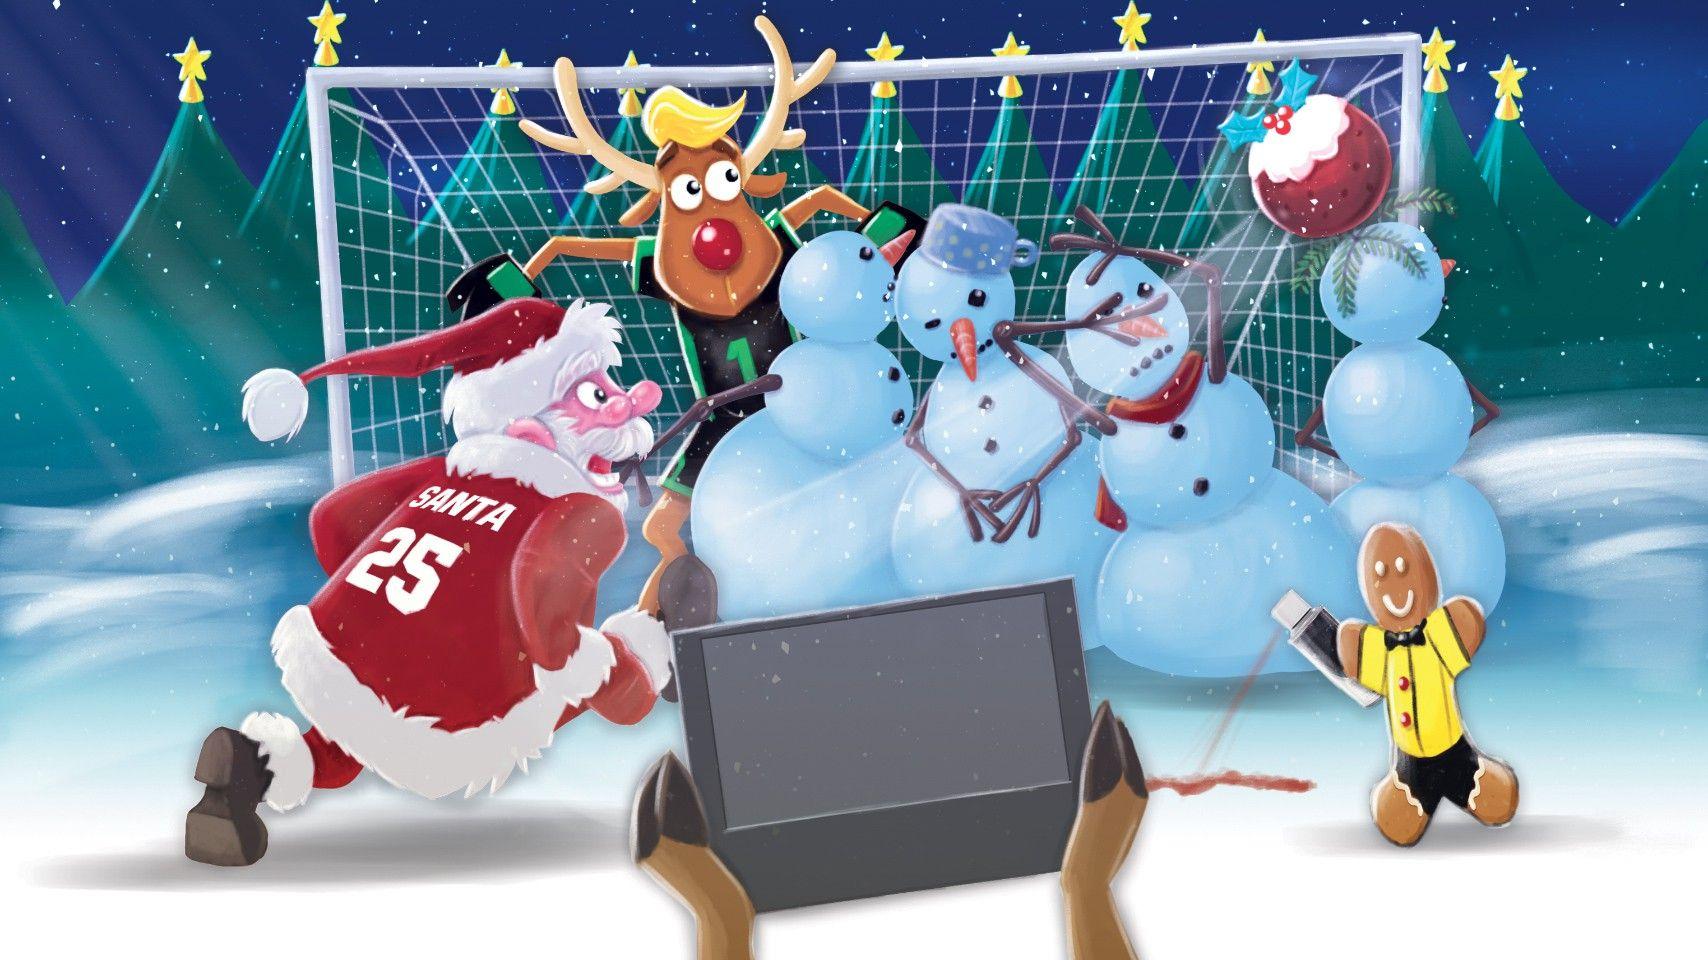 CHRISTMAS SANTA AND REINDEER FOOTBALL